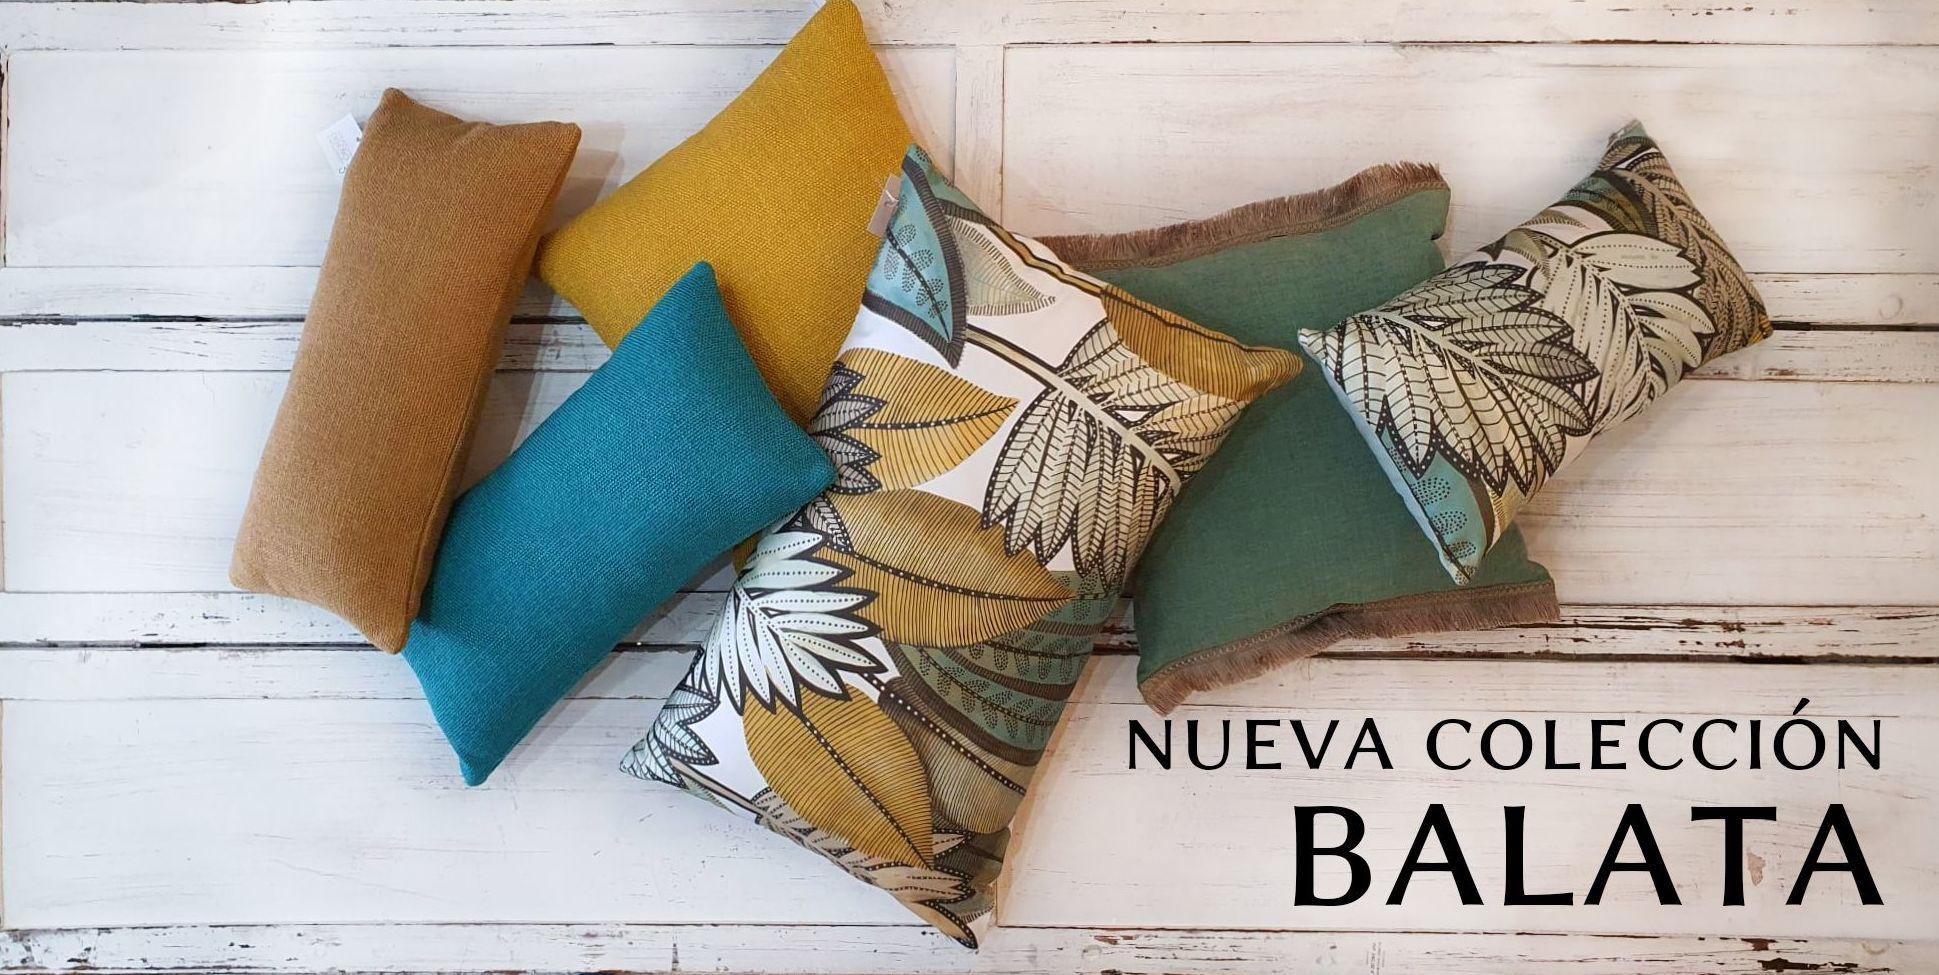 colección BALATA: COLECCIONES de Casa Nativa